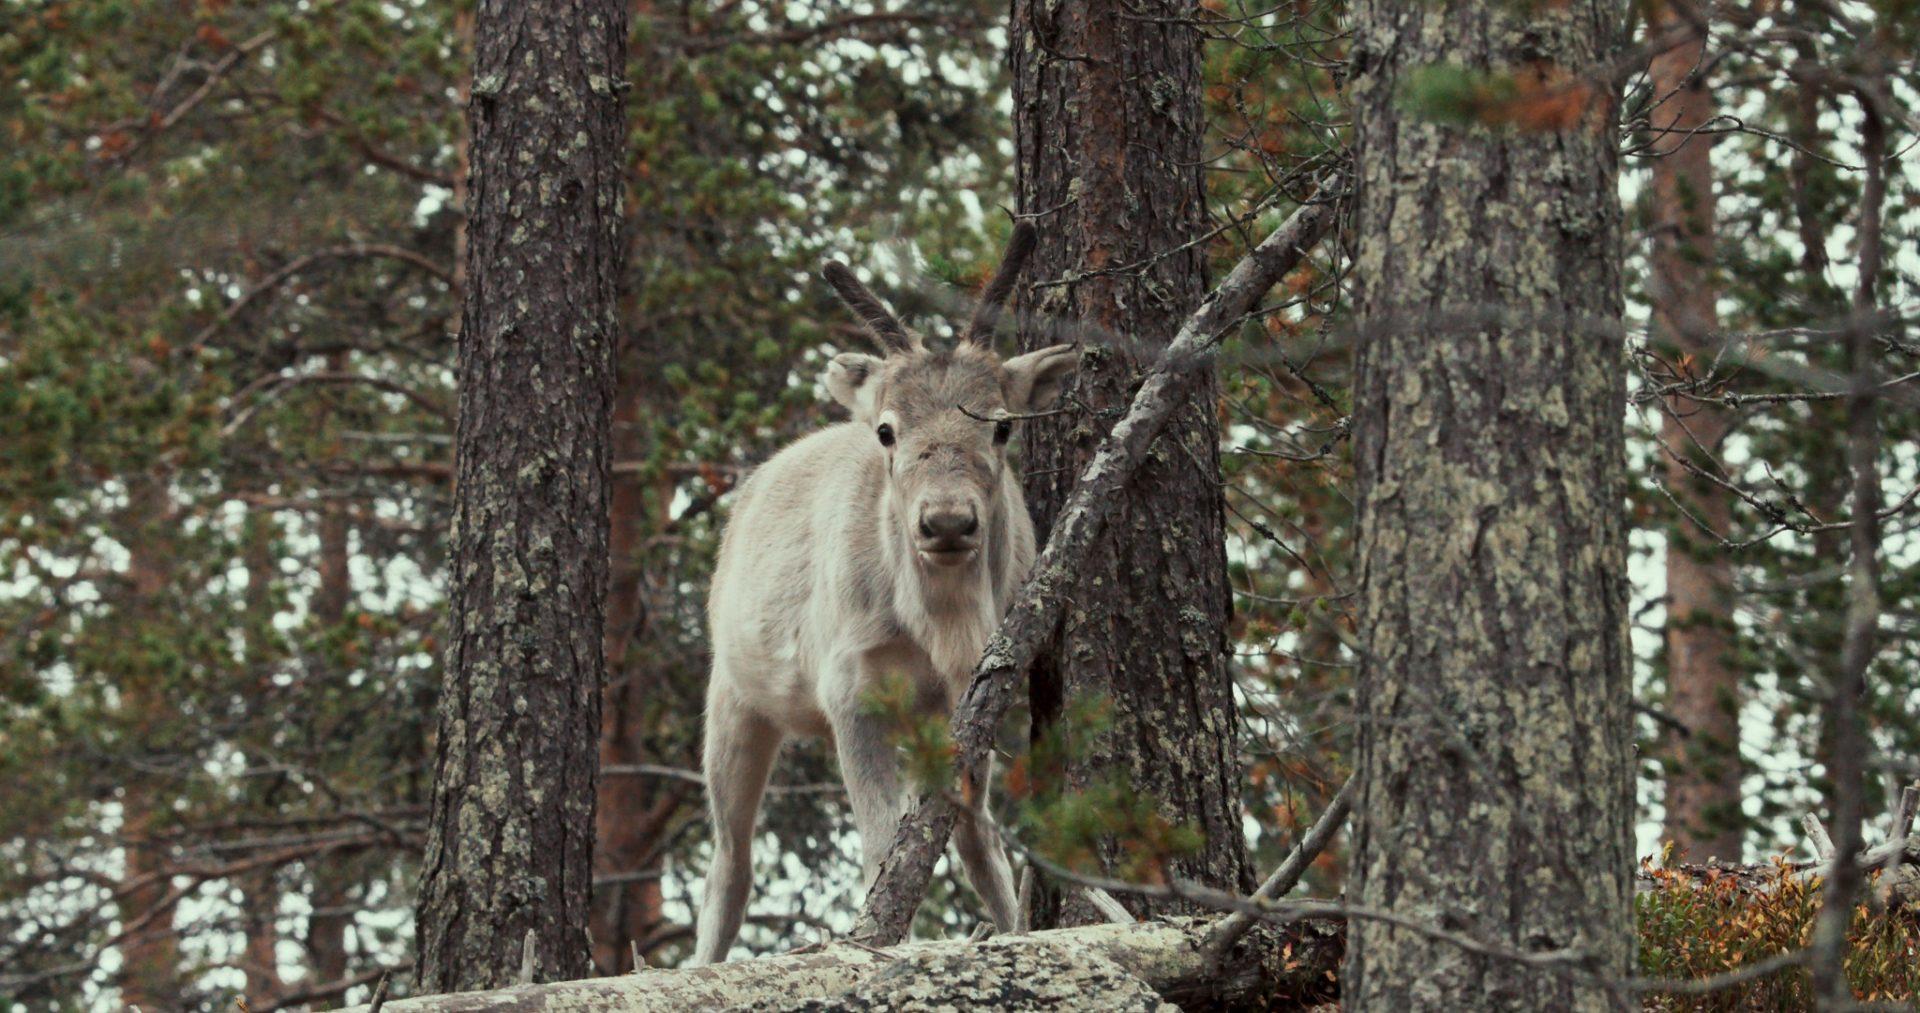 化身間諜馴鹿!耗時五年準備《鹿兒流浪記》完整記錄野生馴鹿遷徙生態